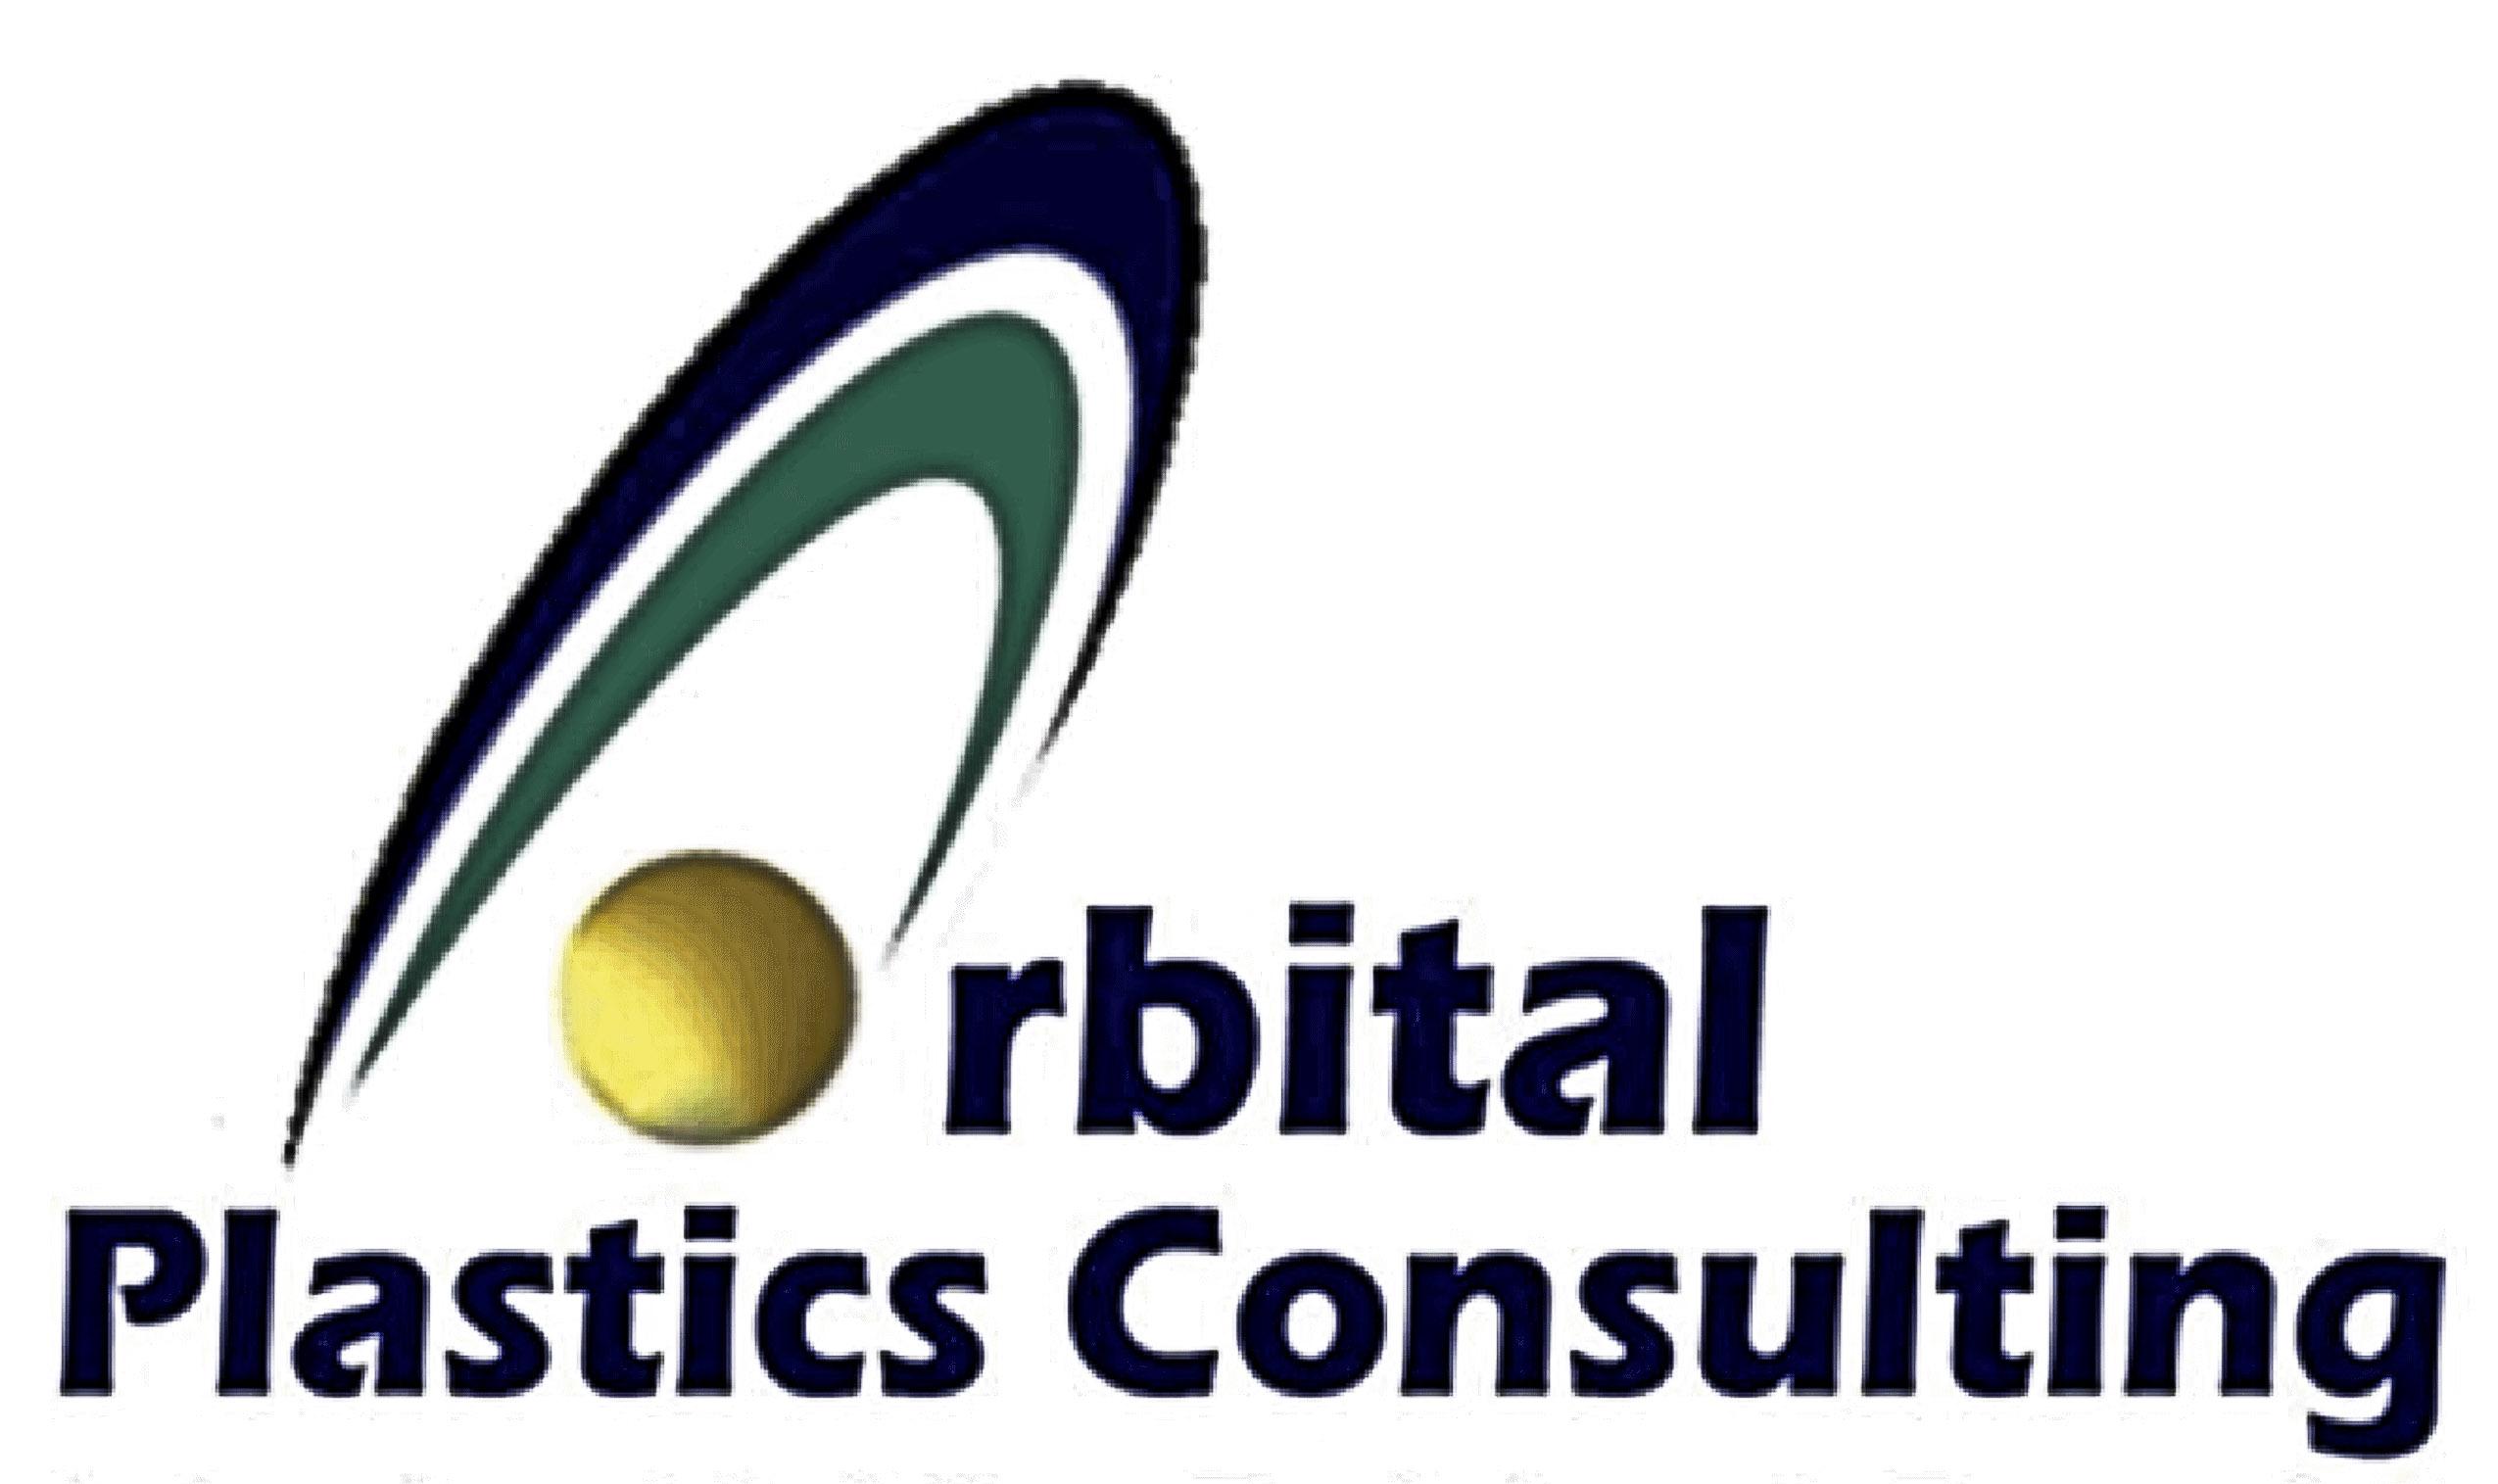 Orbital Plastics